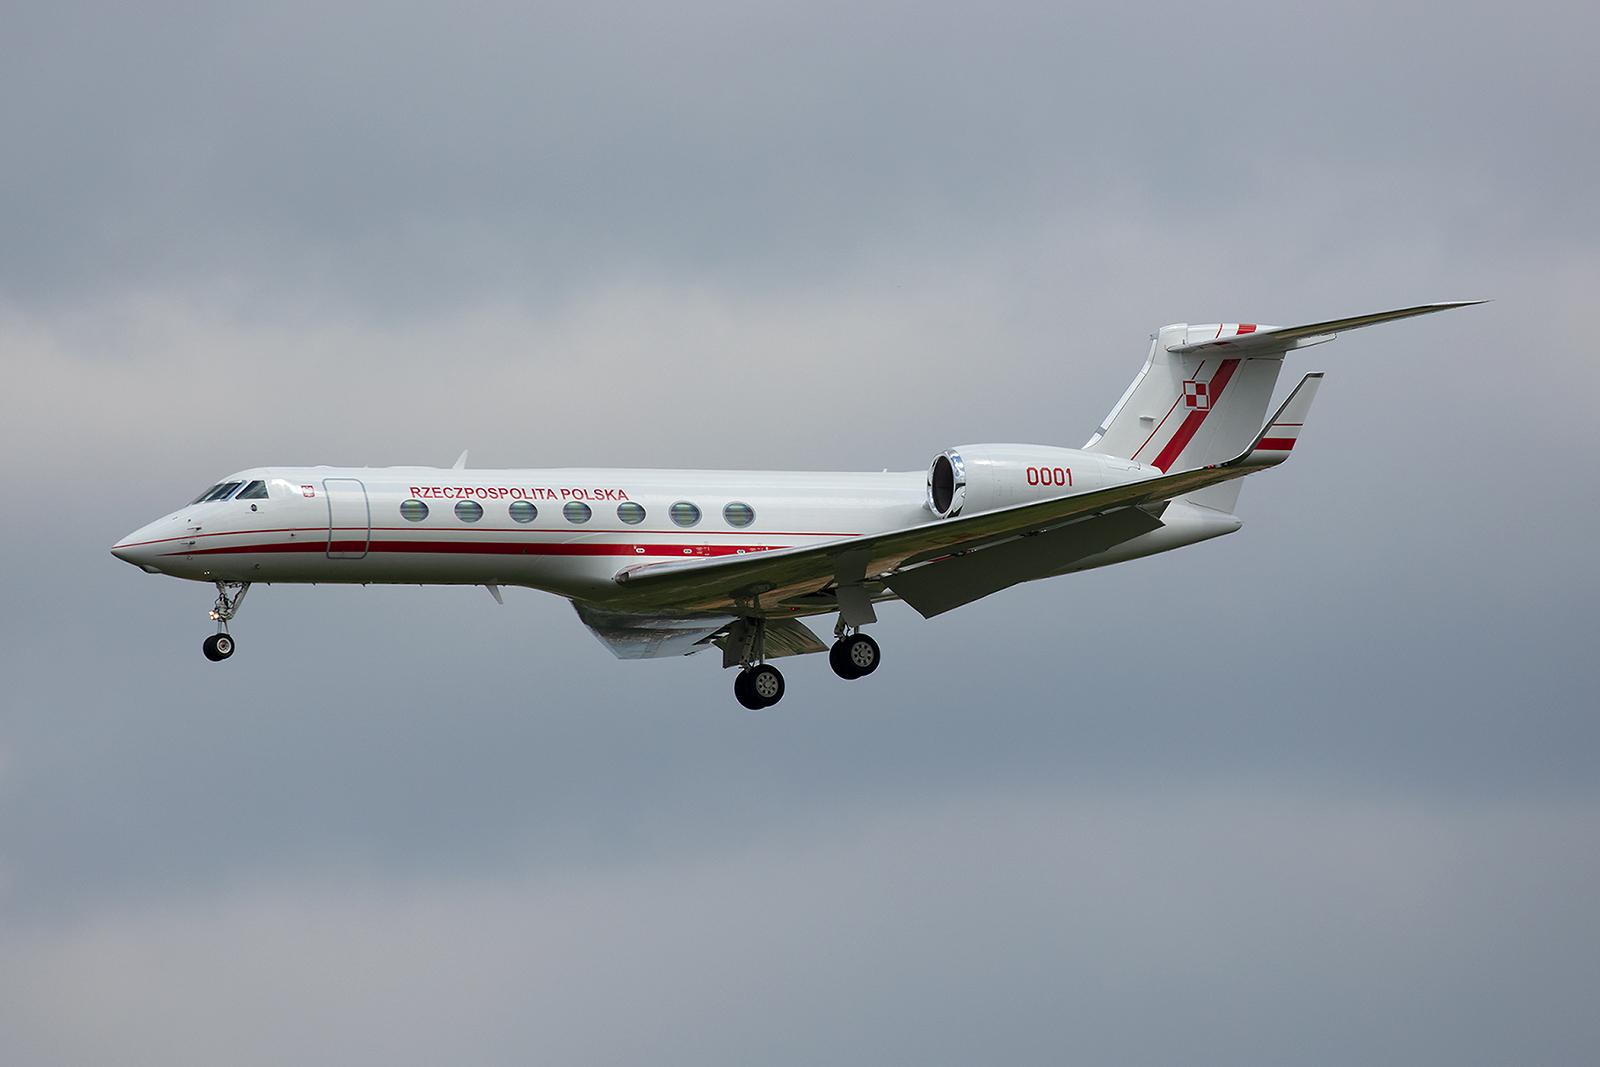 Diese Gulfstream G550 mit dem Kenner 0001 ist seit 2017 der neue Polinische Regierungsjet.